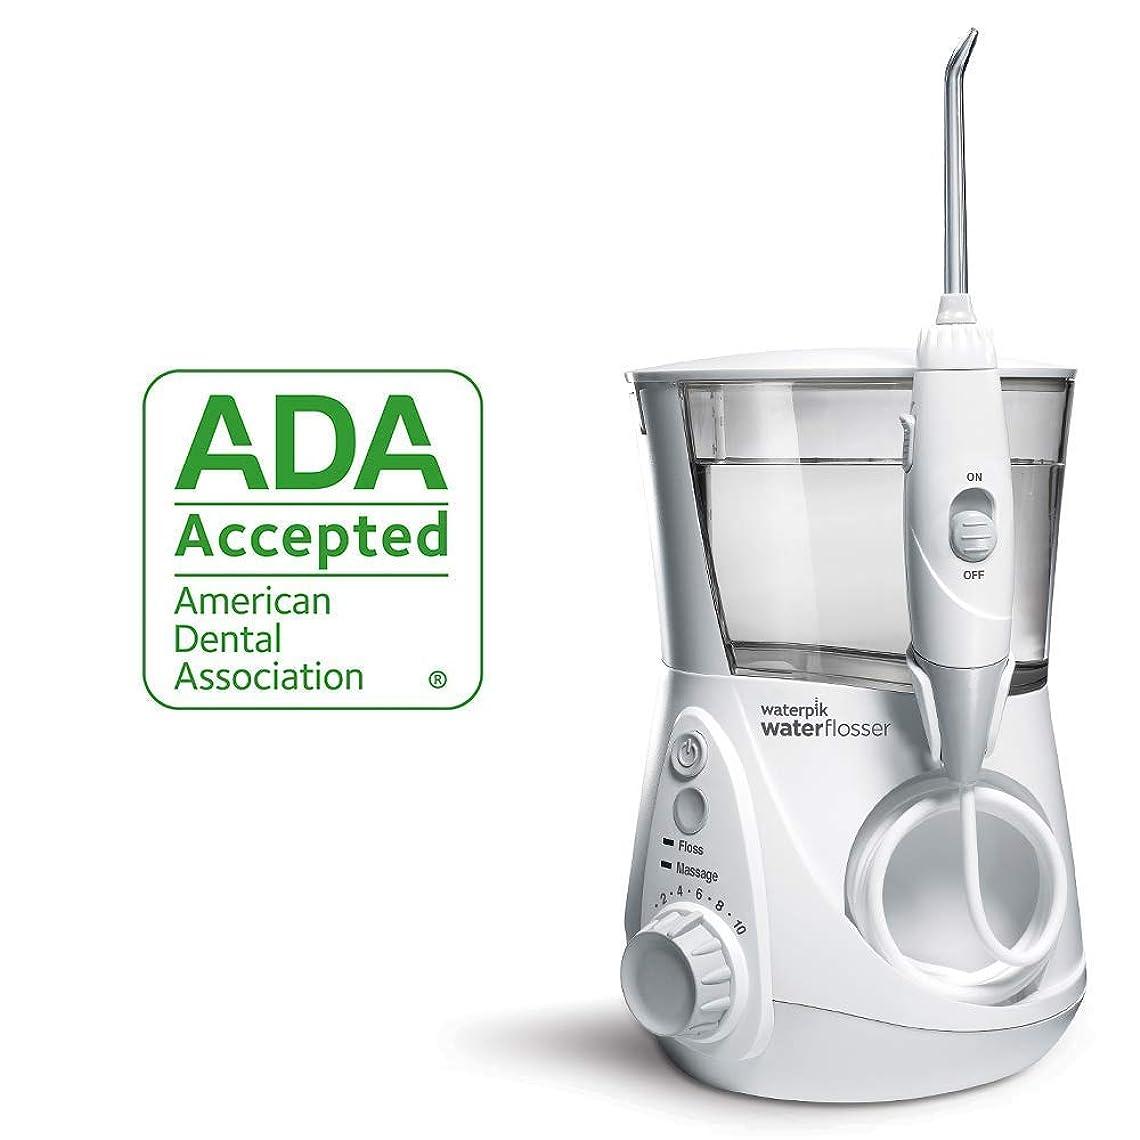 トントロイの木馬シロナガスクジラ[(ウォーターピック) Waterpik] [ADA Accepted WP-662 Aquarius Water Flosser] (並行輸入品)